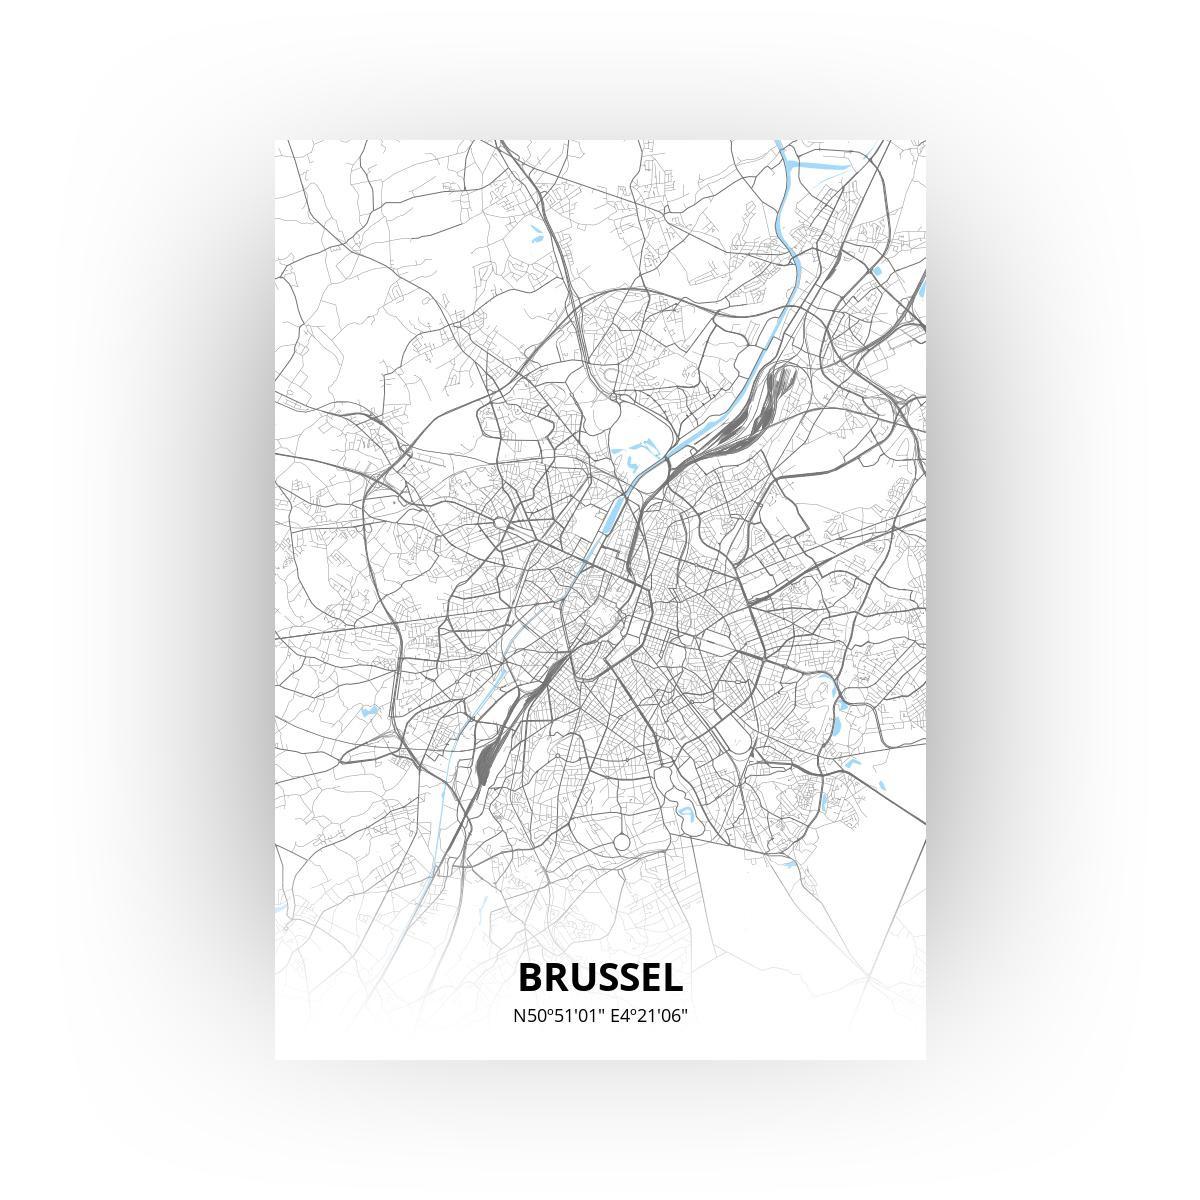 Brussel poster - Zelf aan te passen!